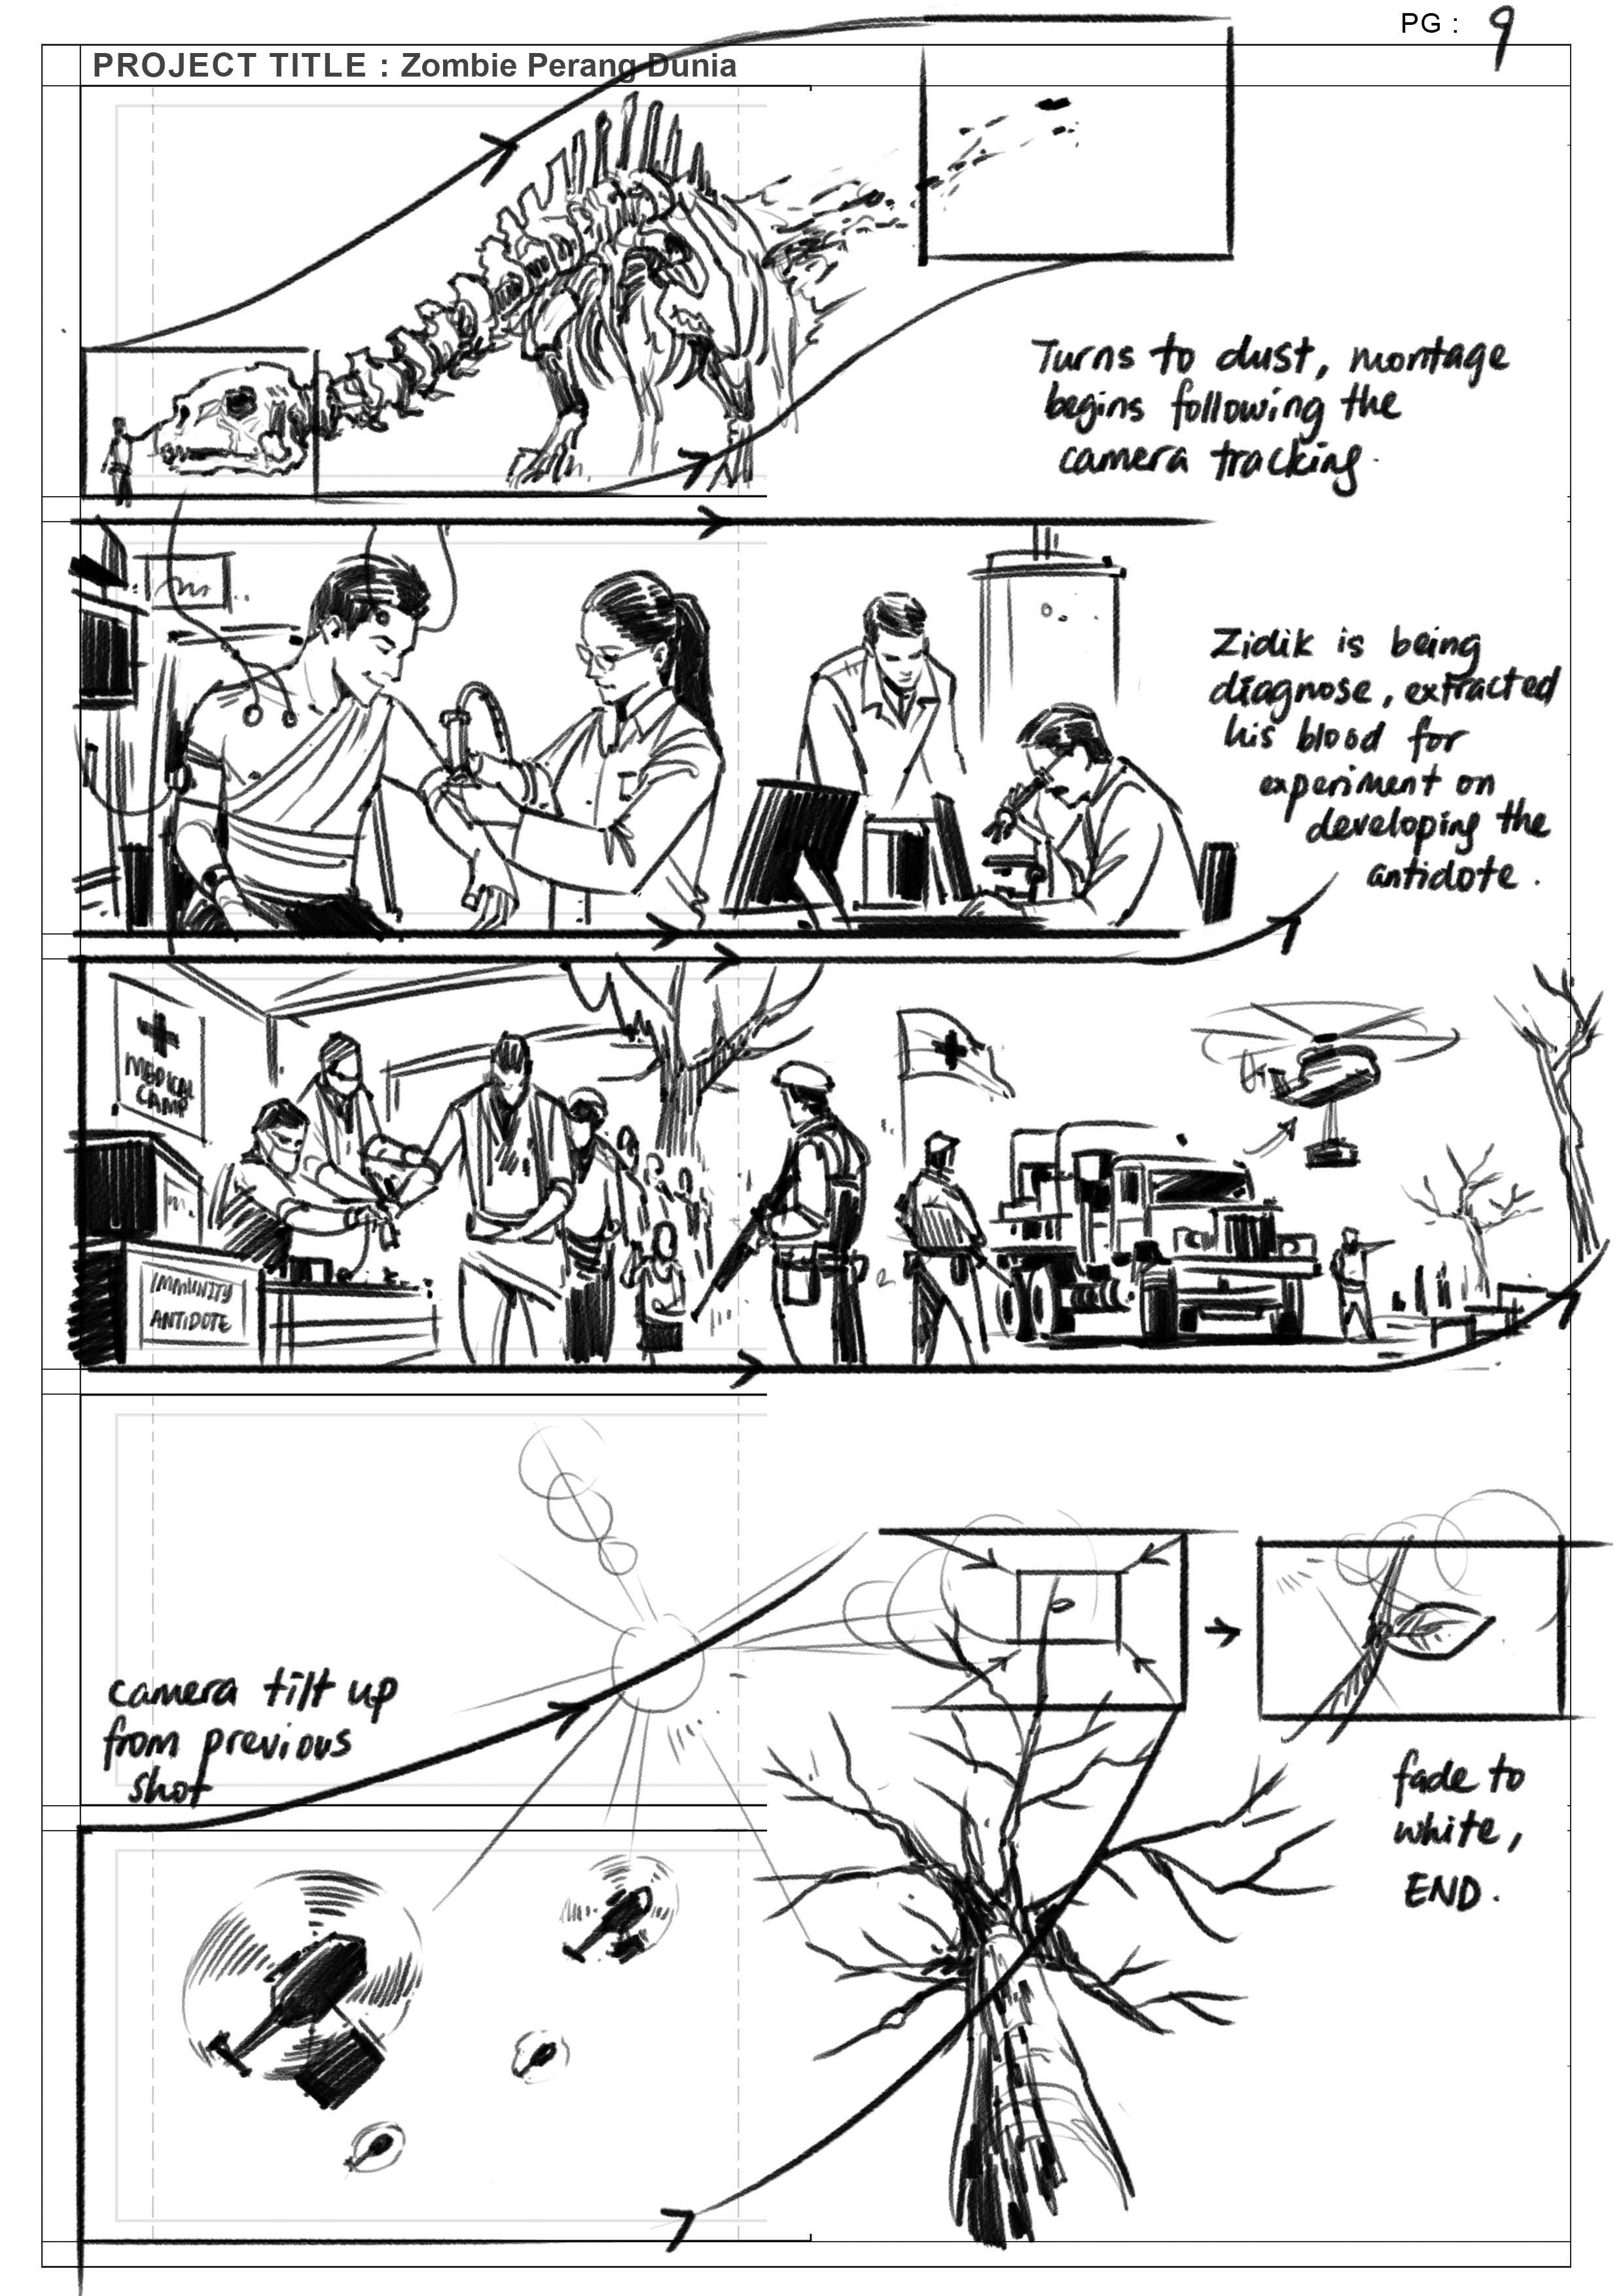 ZPD_Storyboard_09 copy